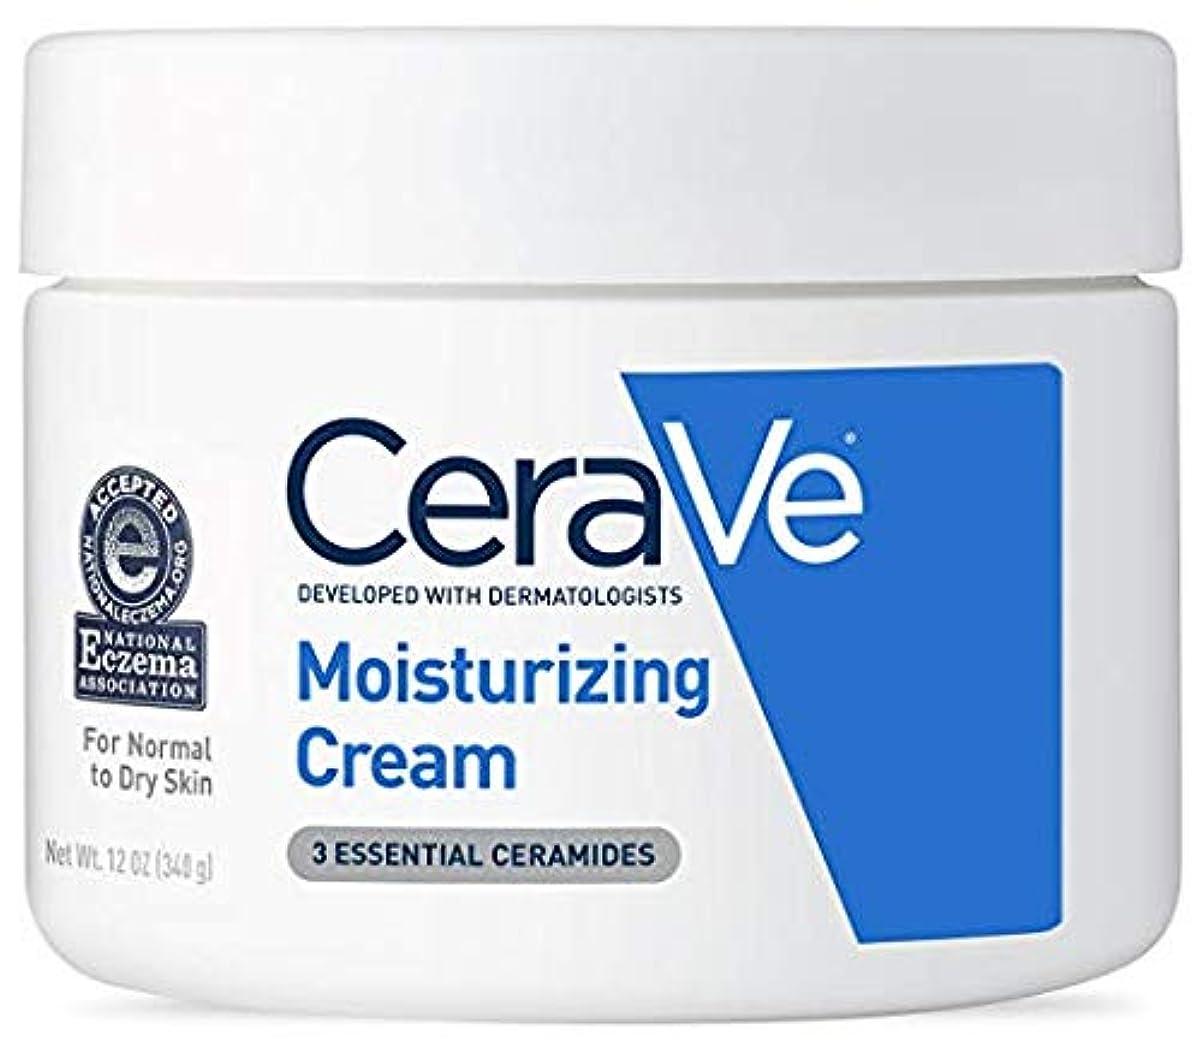 直感薬局委員長CeraVe (セラヴィ) モイスチャライジングクリーム CeraVe Moisturizing Cream Daily Face and Body Moisturizer for Dry Skin